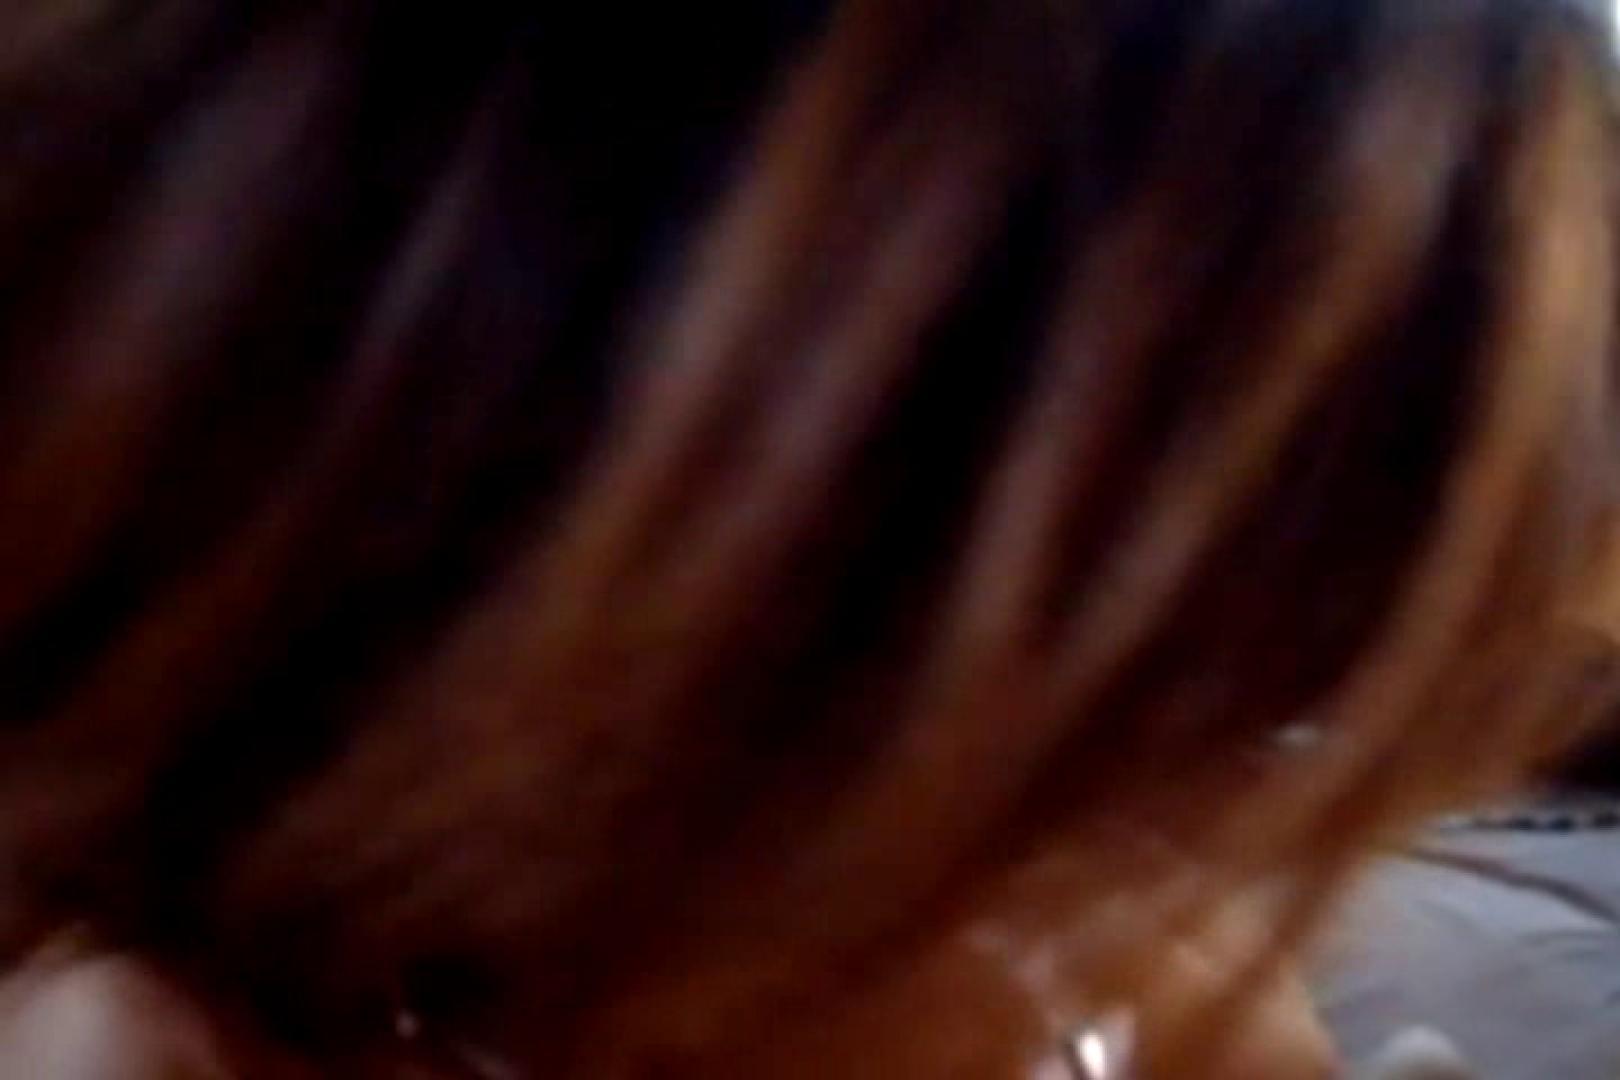 ウイルス流出 三重県四日市元準ミス樹林 コスプレ | 流出作品  108画像 60